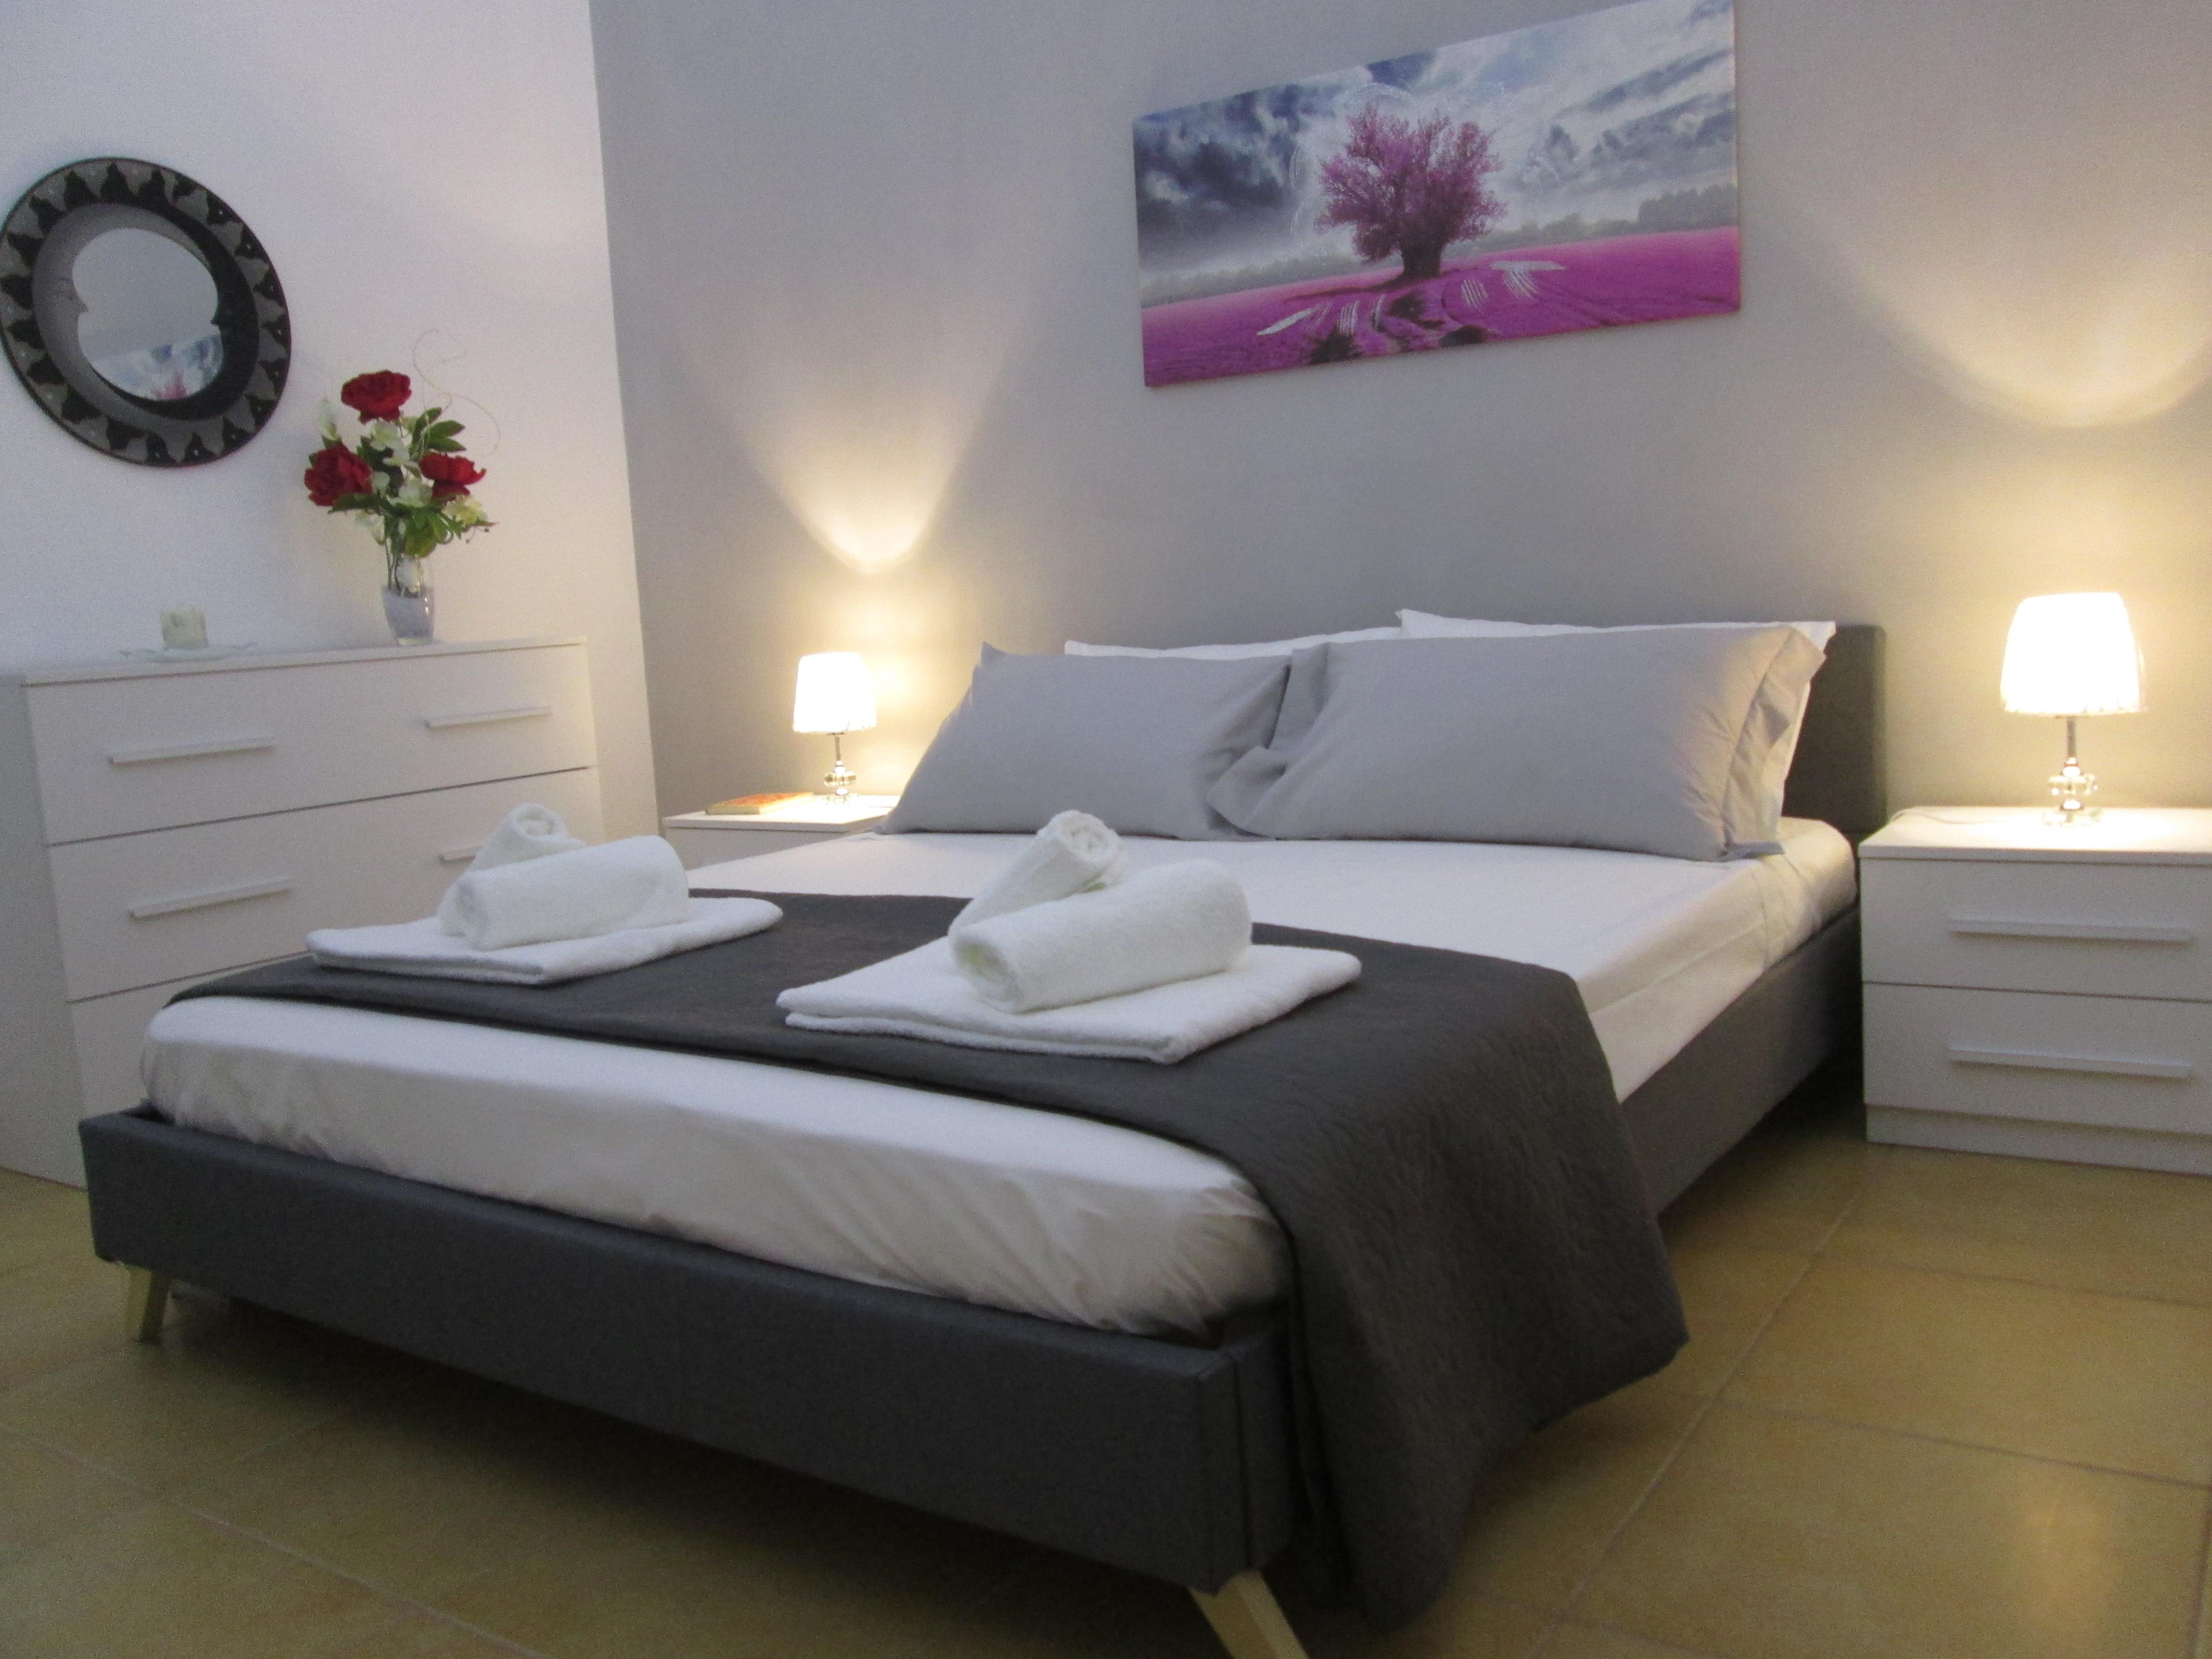 Letto Matrimoniale Gigante.Maison Gigante Appartamenti In Affitto A San Donato Di Lecce